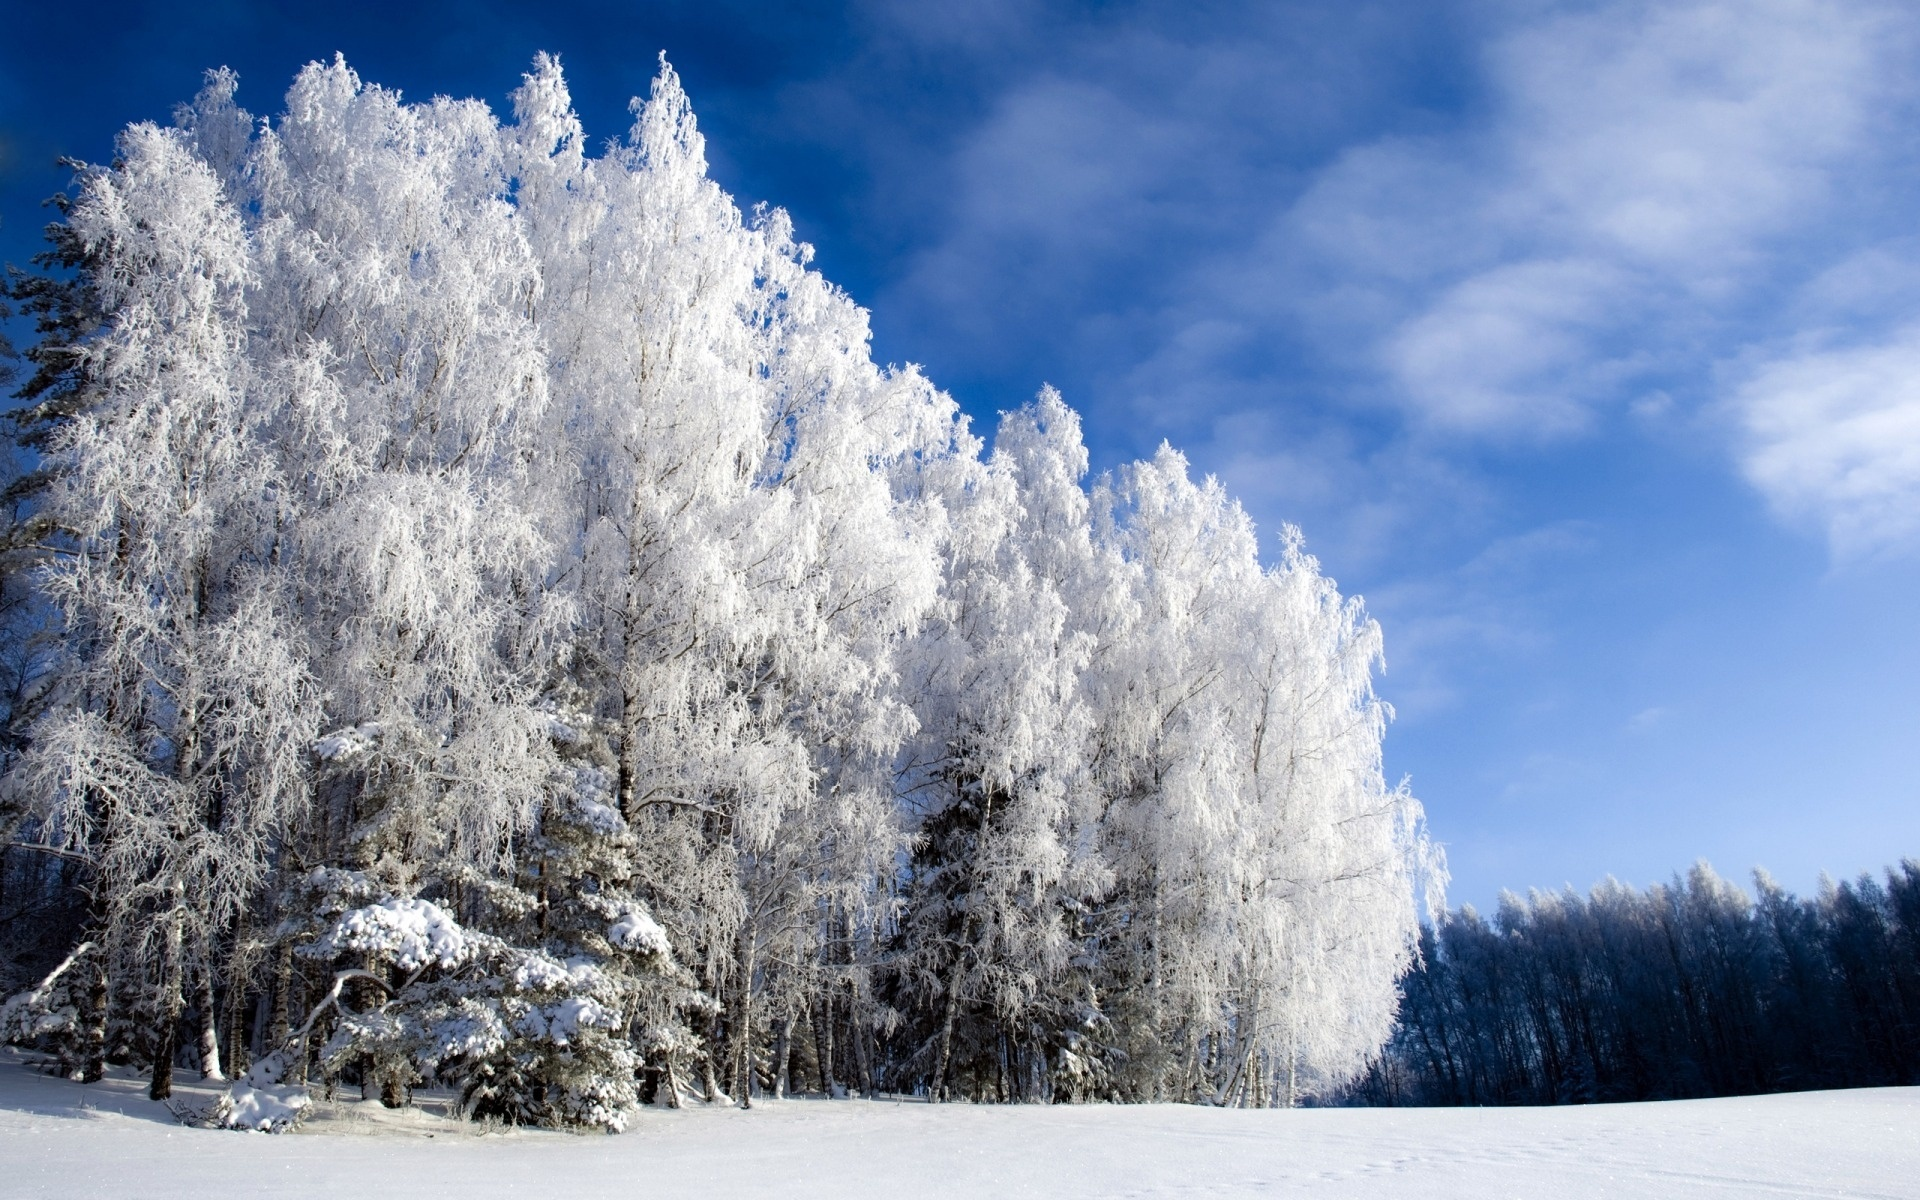 Обои зимний лес для рабочего стола